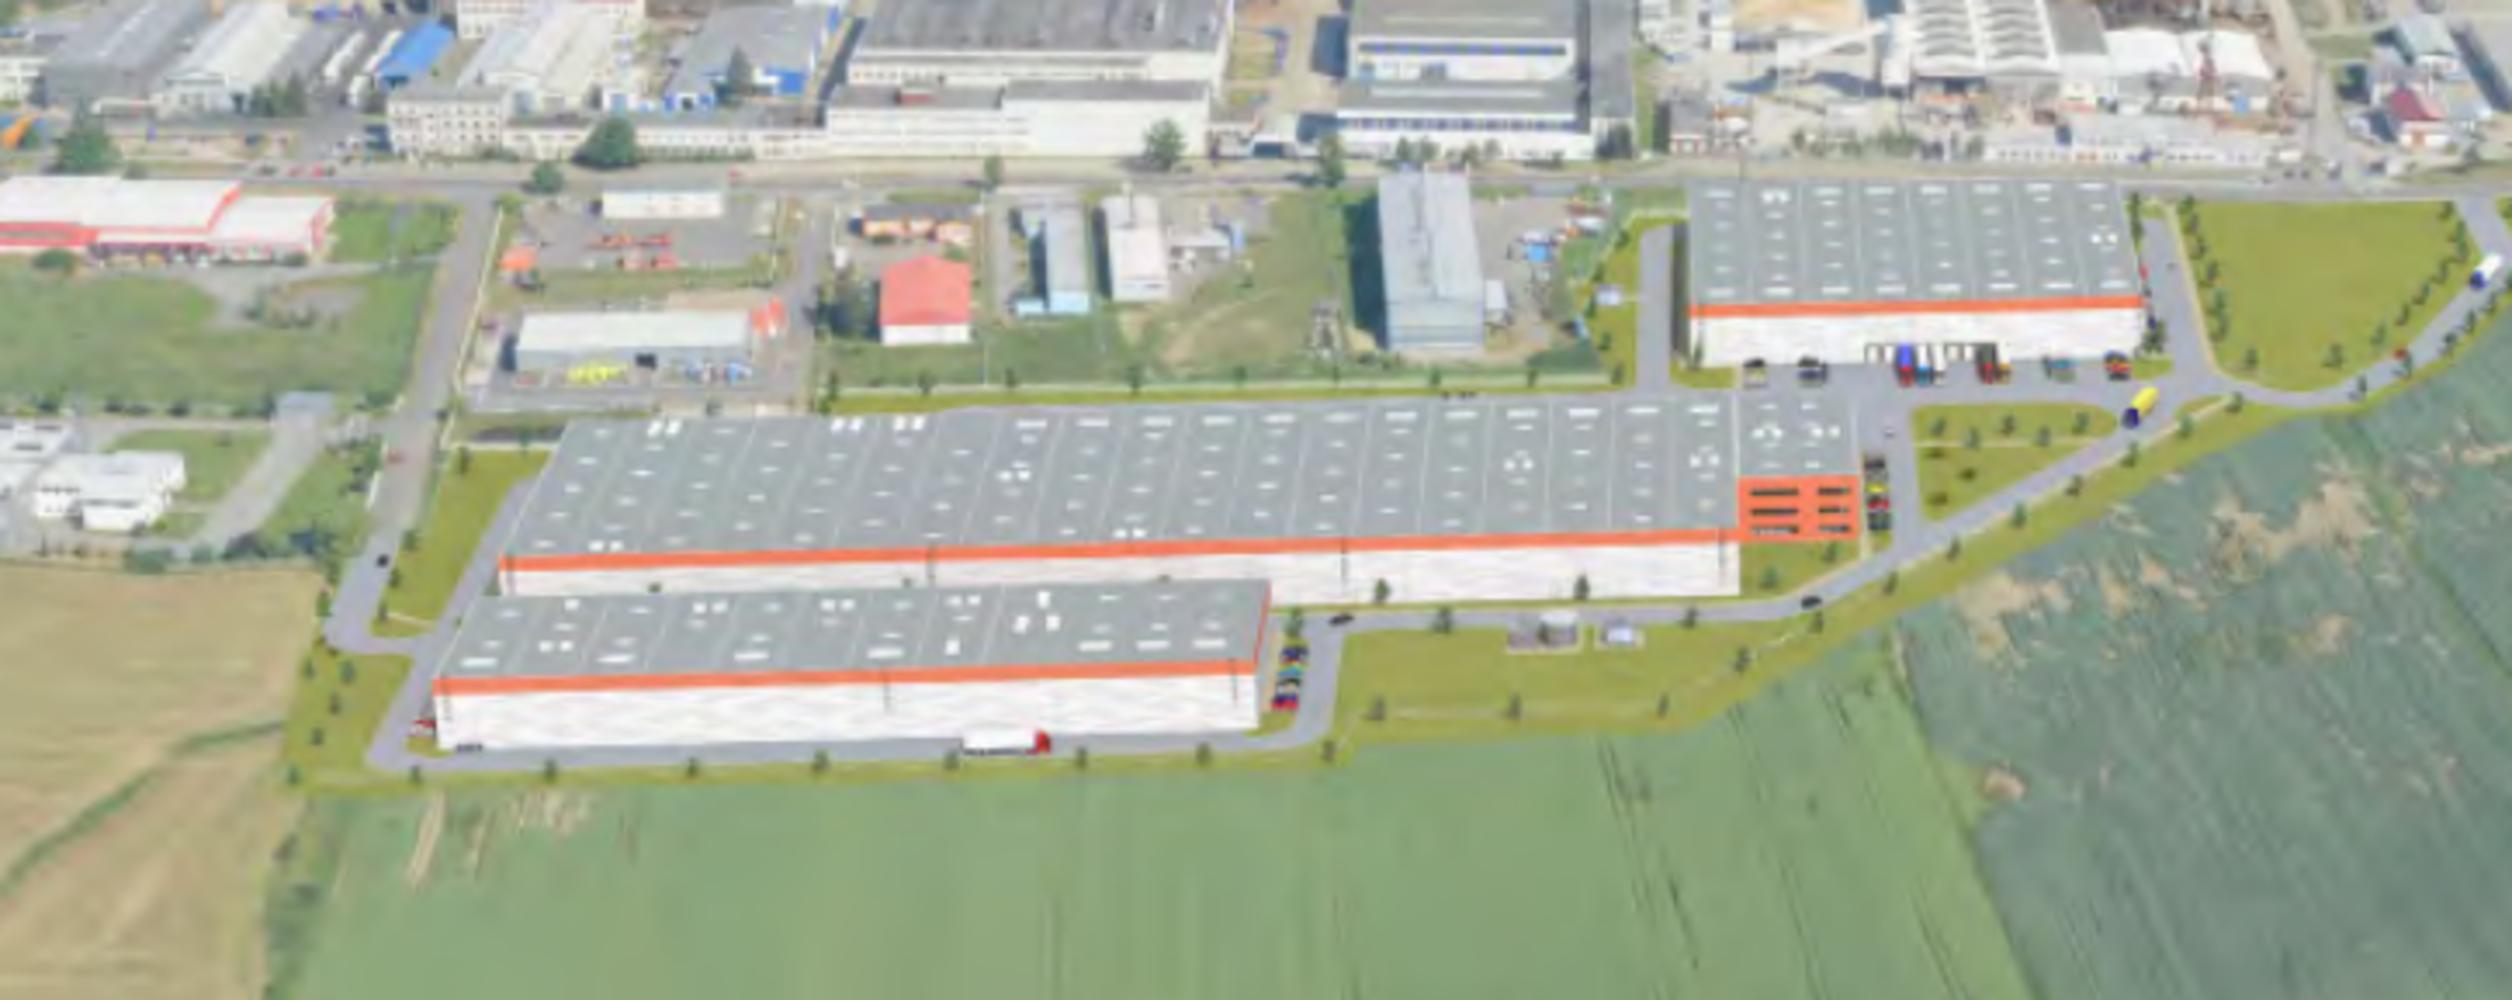 Průmyslové nemovitosti Plana nad lužnicí, 391 11 - CSPPark Planá nad Lužnicí - 080